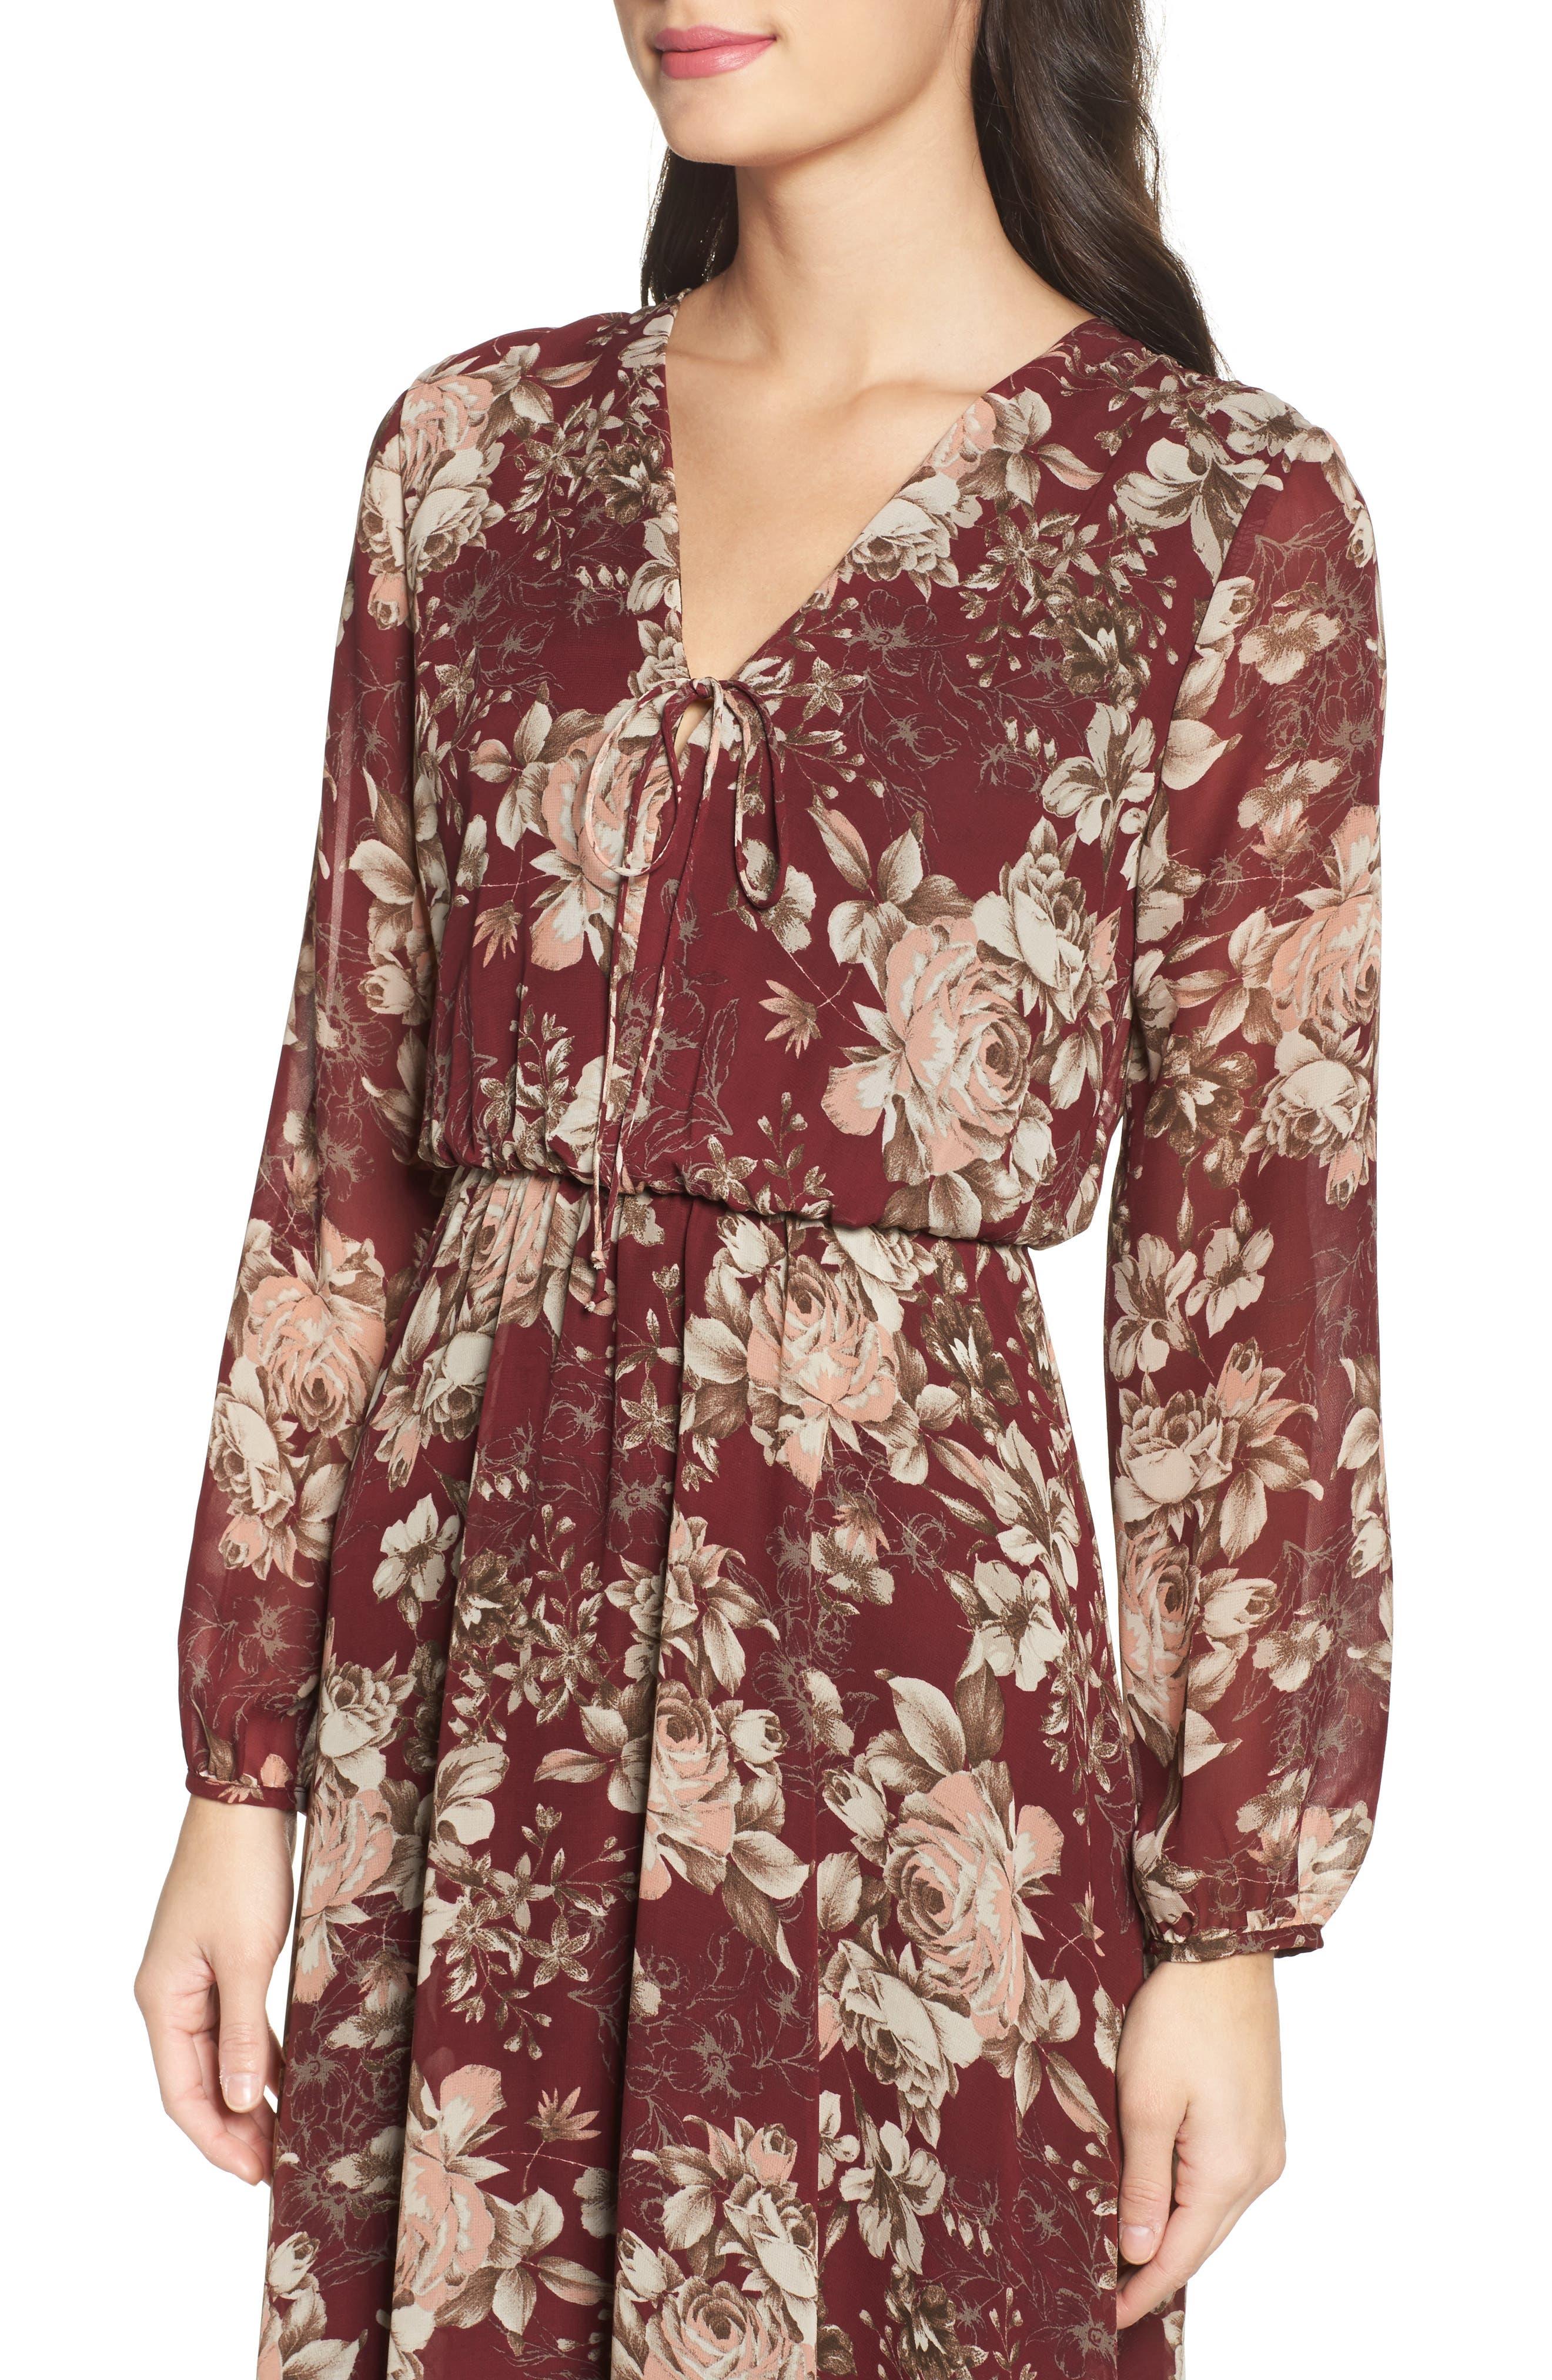 Blouson Midi Dress,                             Alternate thumbnail 4, color,